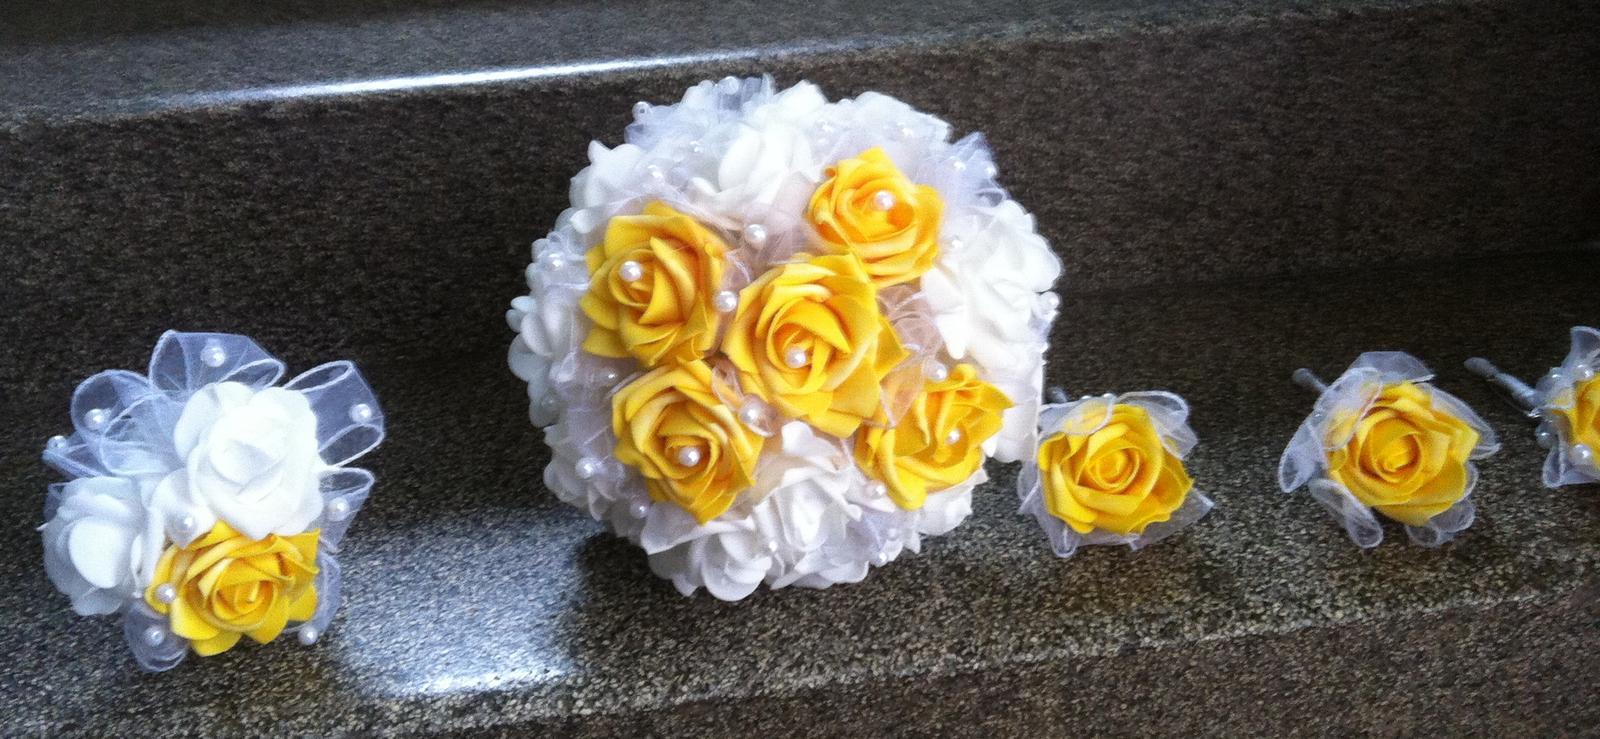 Netradiční svatební kytice - pěnové růžičky + polštářky pod prstýnky, košíčky - Obrázek č. 91